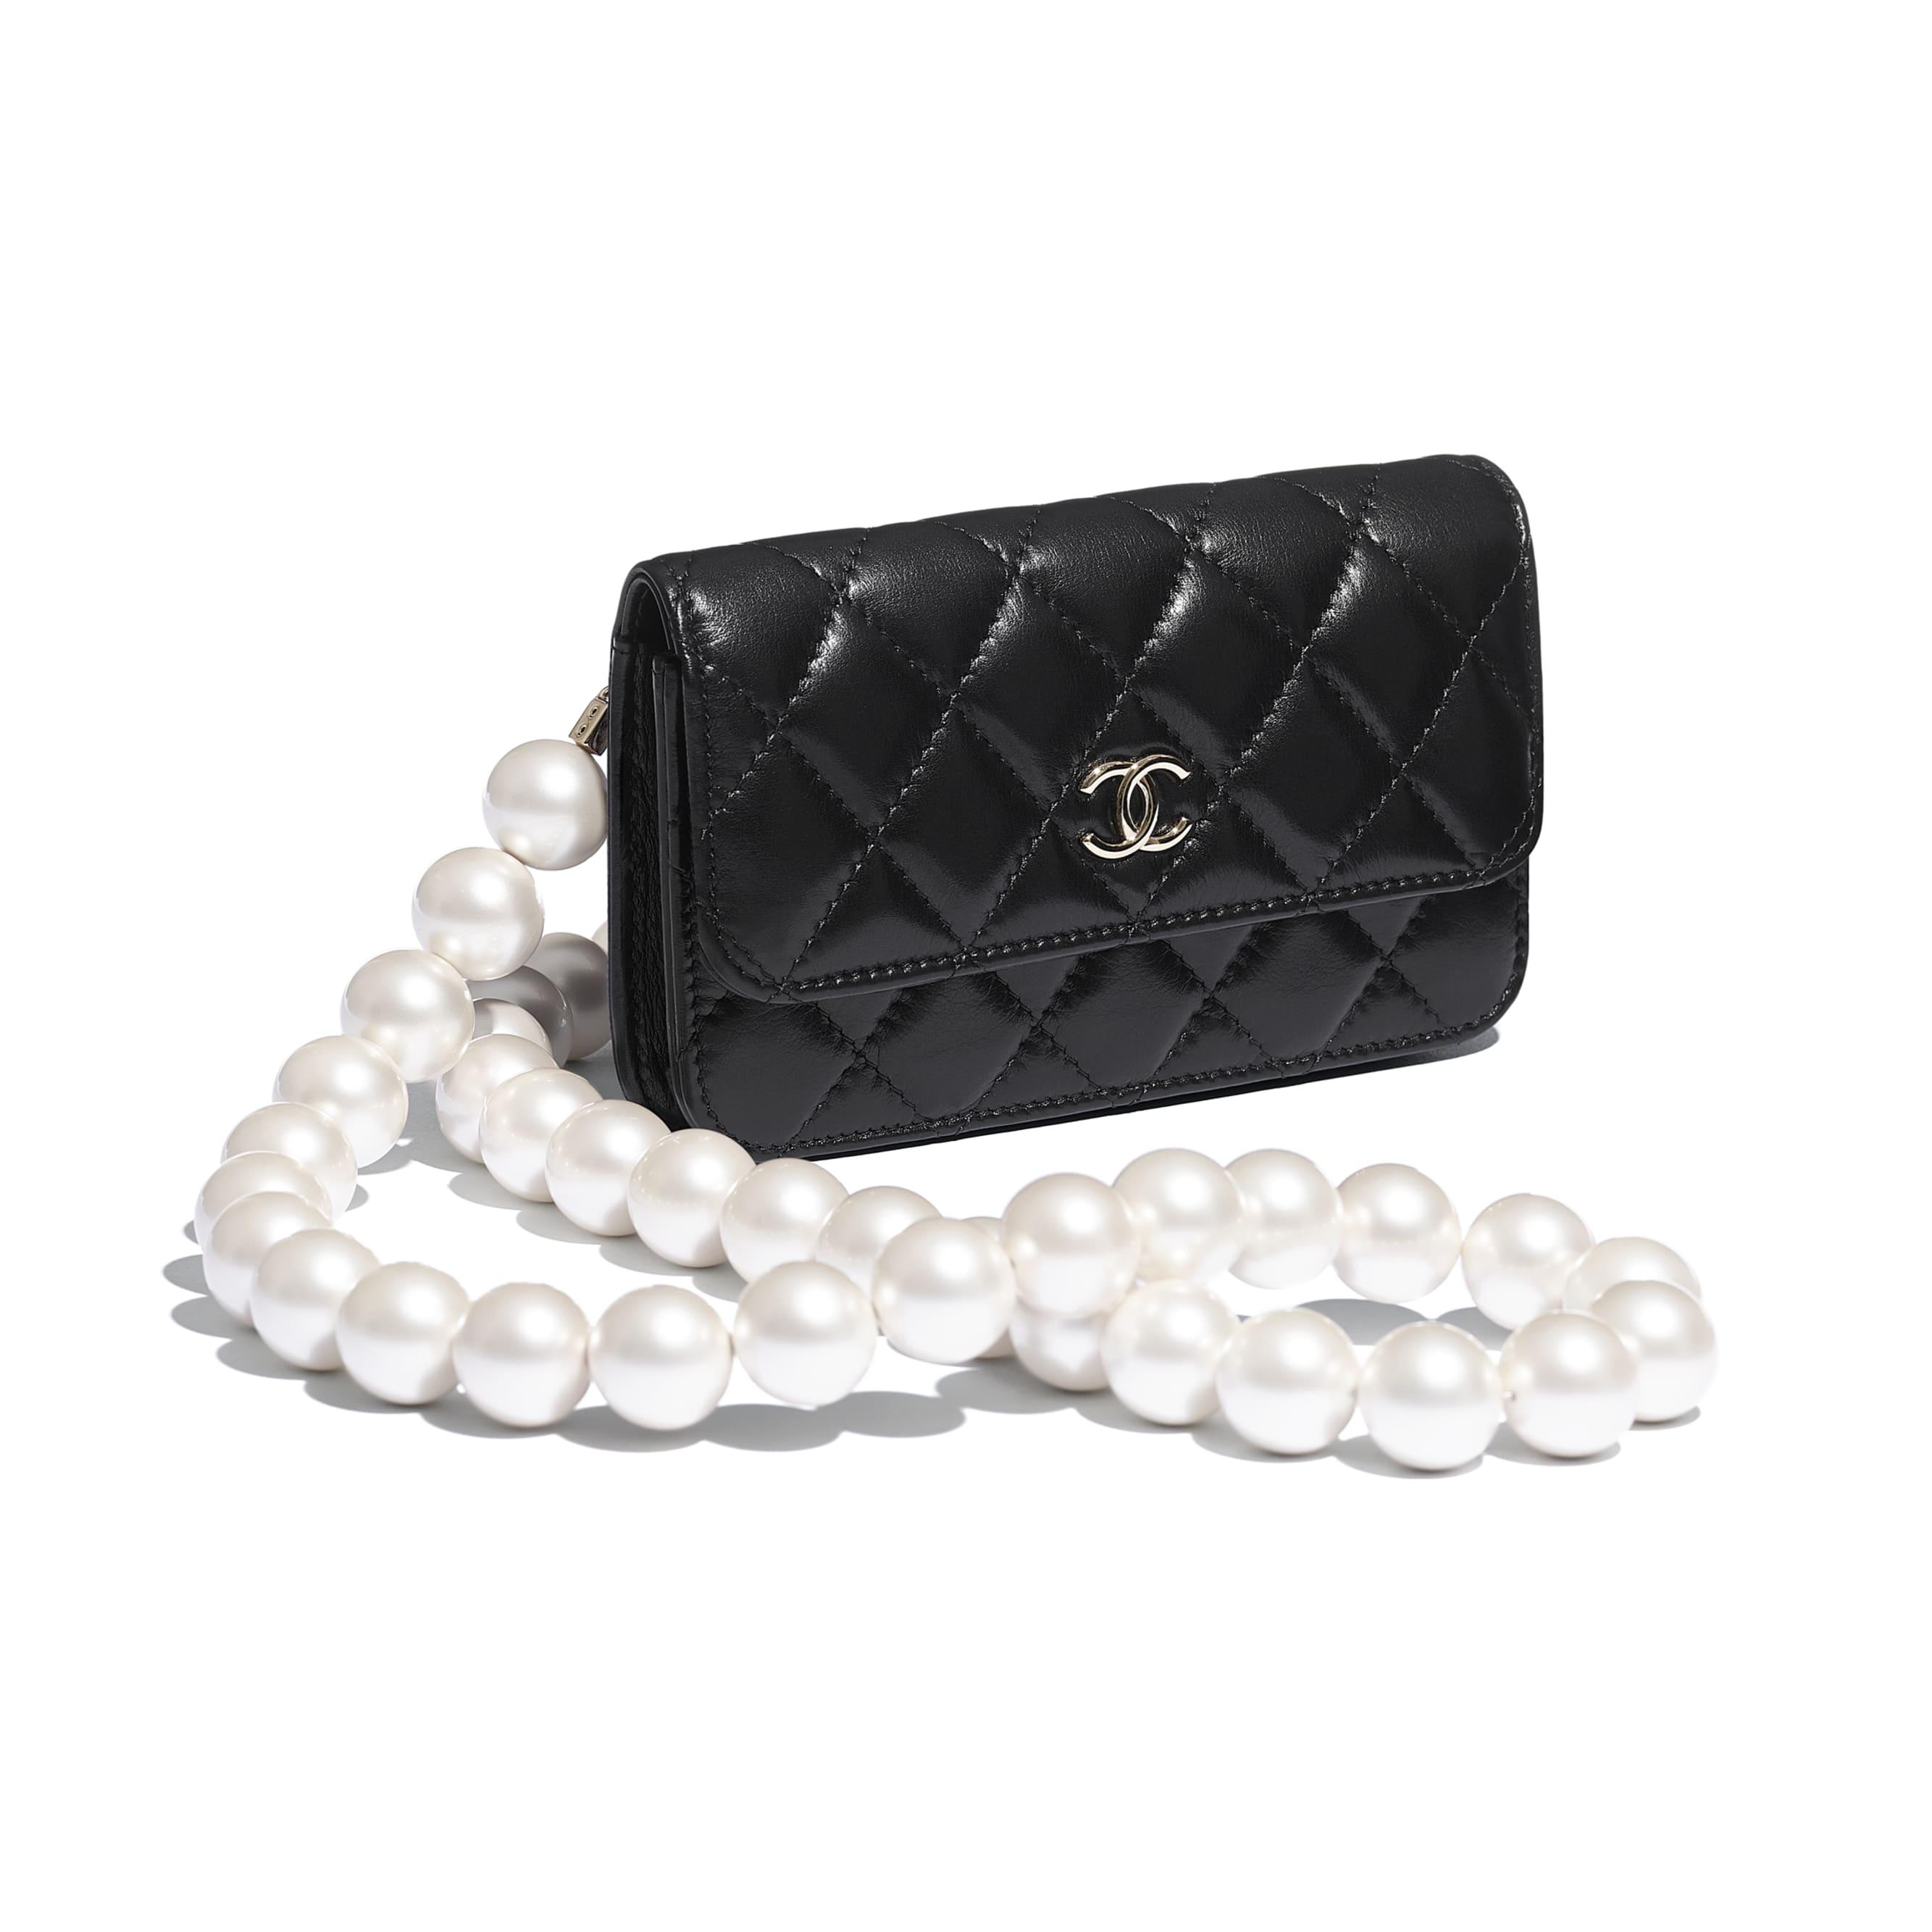 Bolso de mano con cadena - Negro - Piel de ternera, perlas artificiales y metal dorado - CHANEL - Vista adicional - ver la versión tamaño estándar